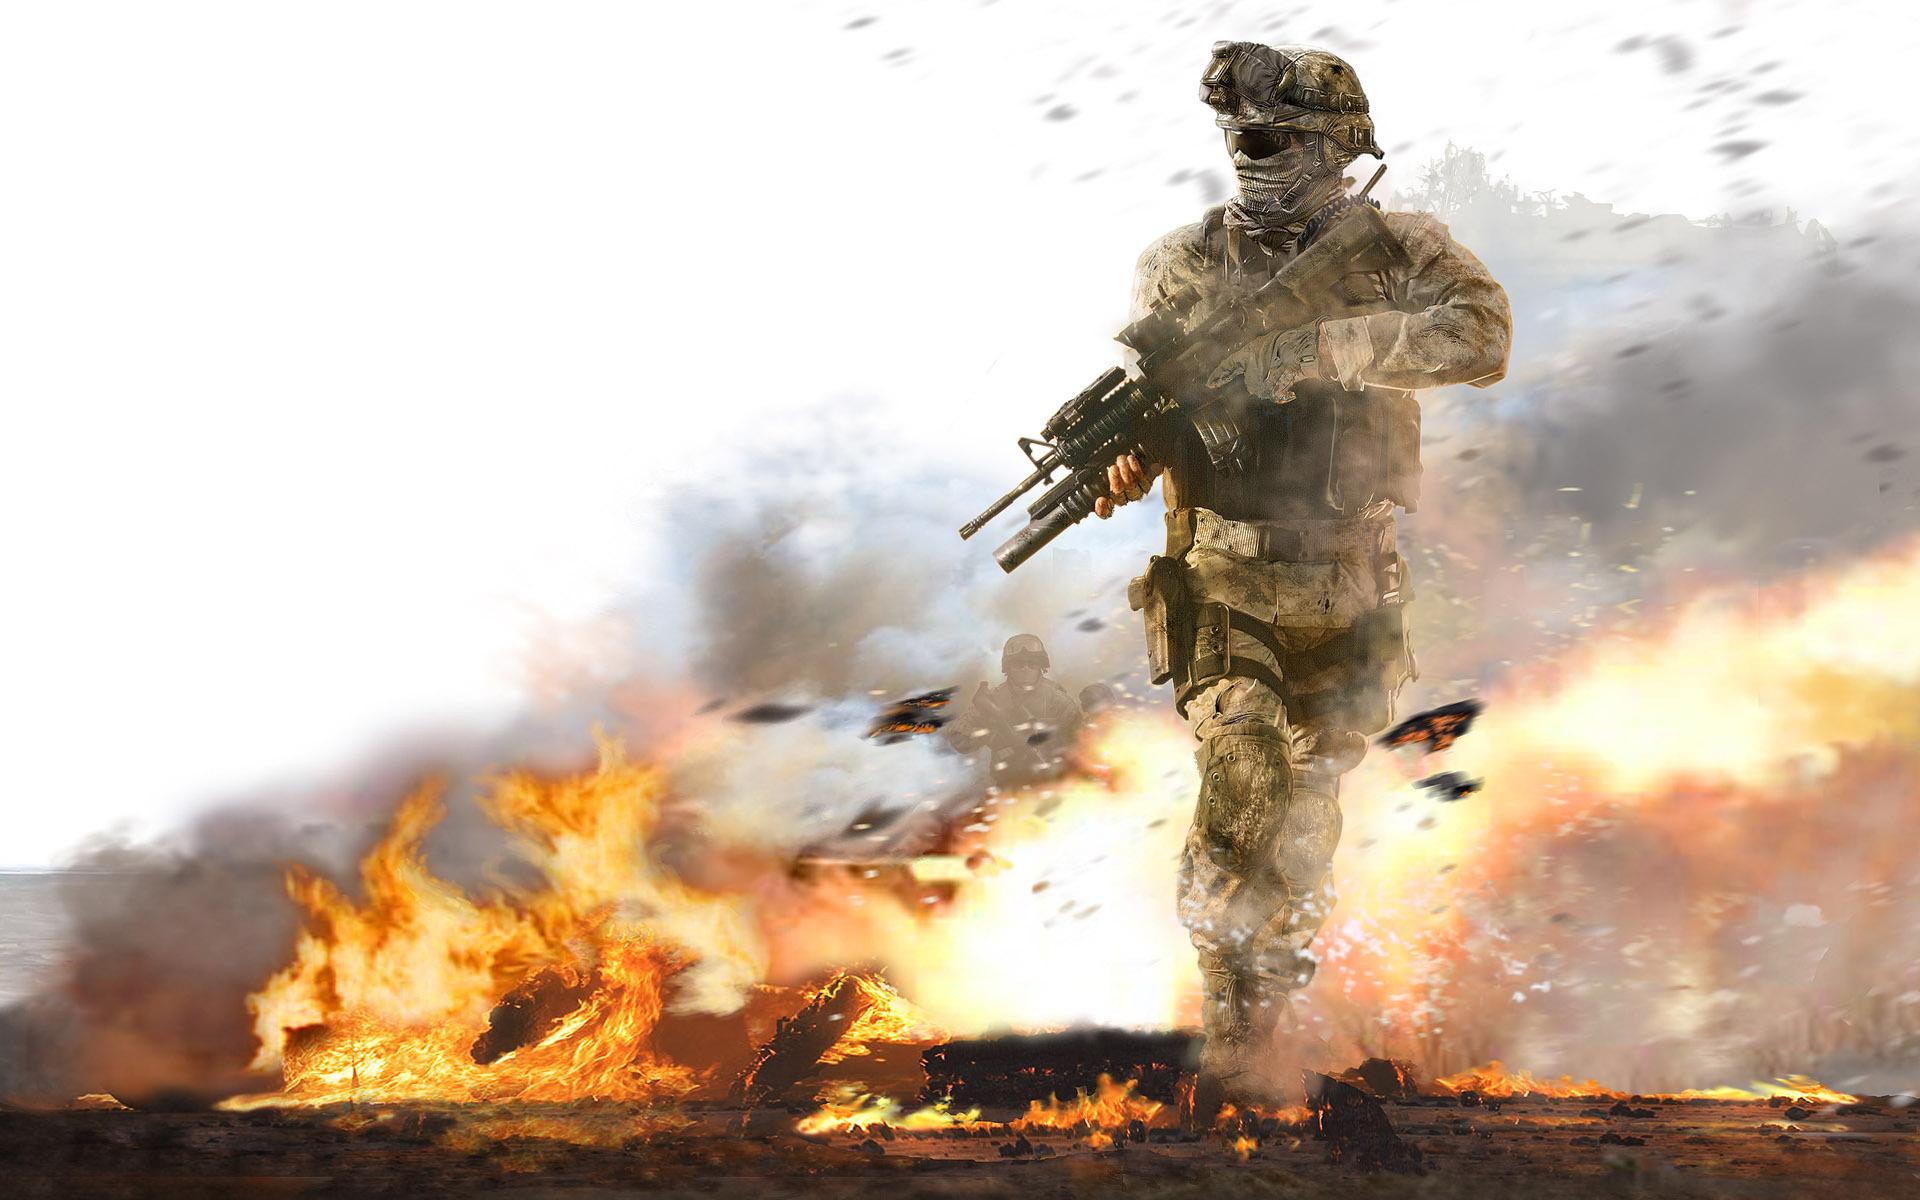 13070 Hintergrundbild herunterladen Menschen, Feuer, War, Soldiers - Bildschirmschoner und Bilder kostenlos